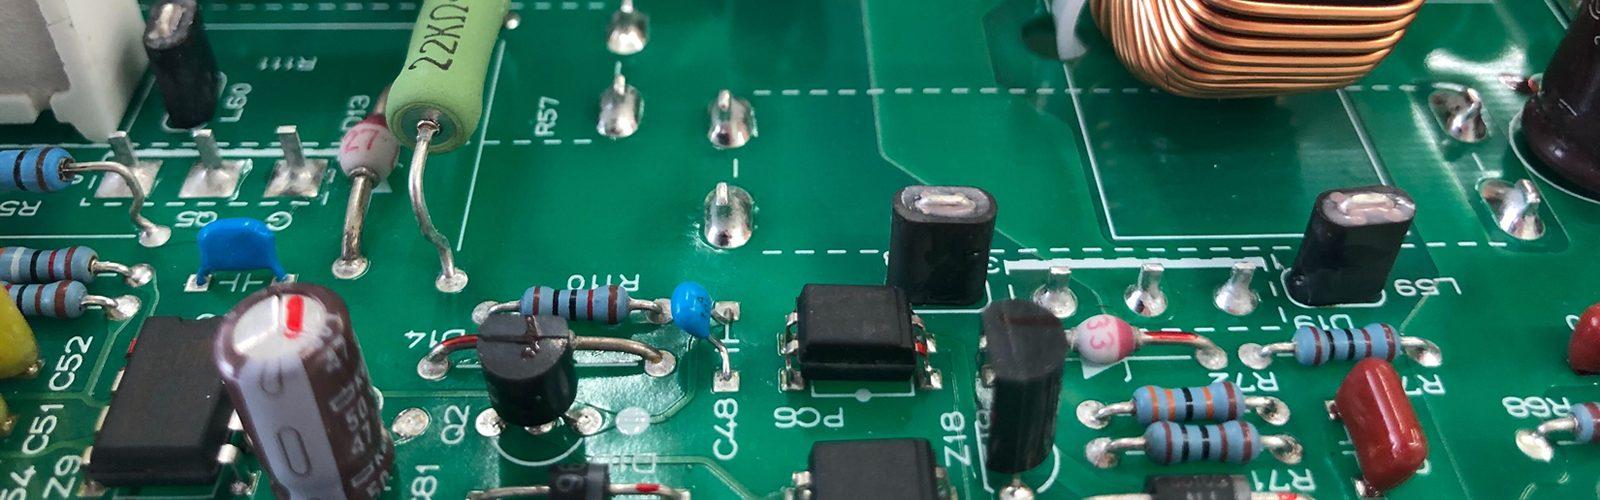 ワンストップサービスで 高機能・高デザインの製品を提供します